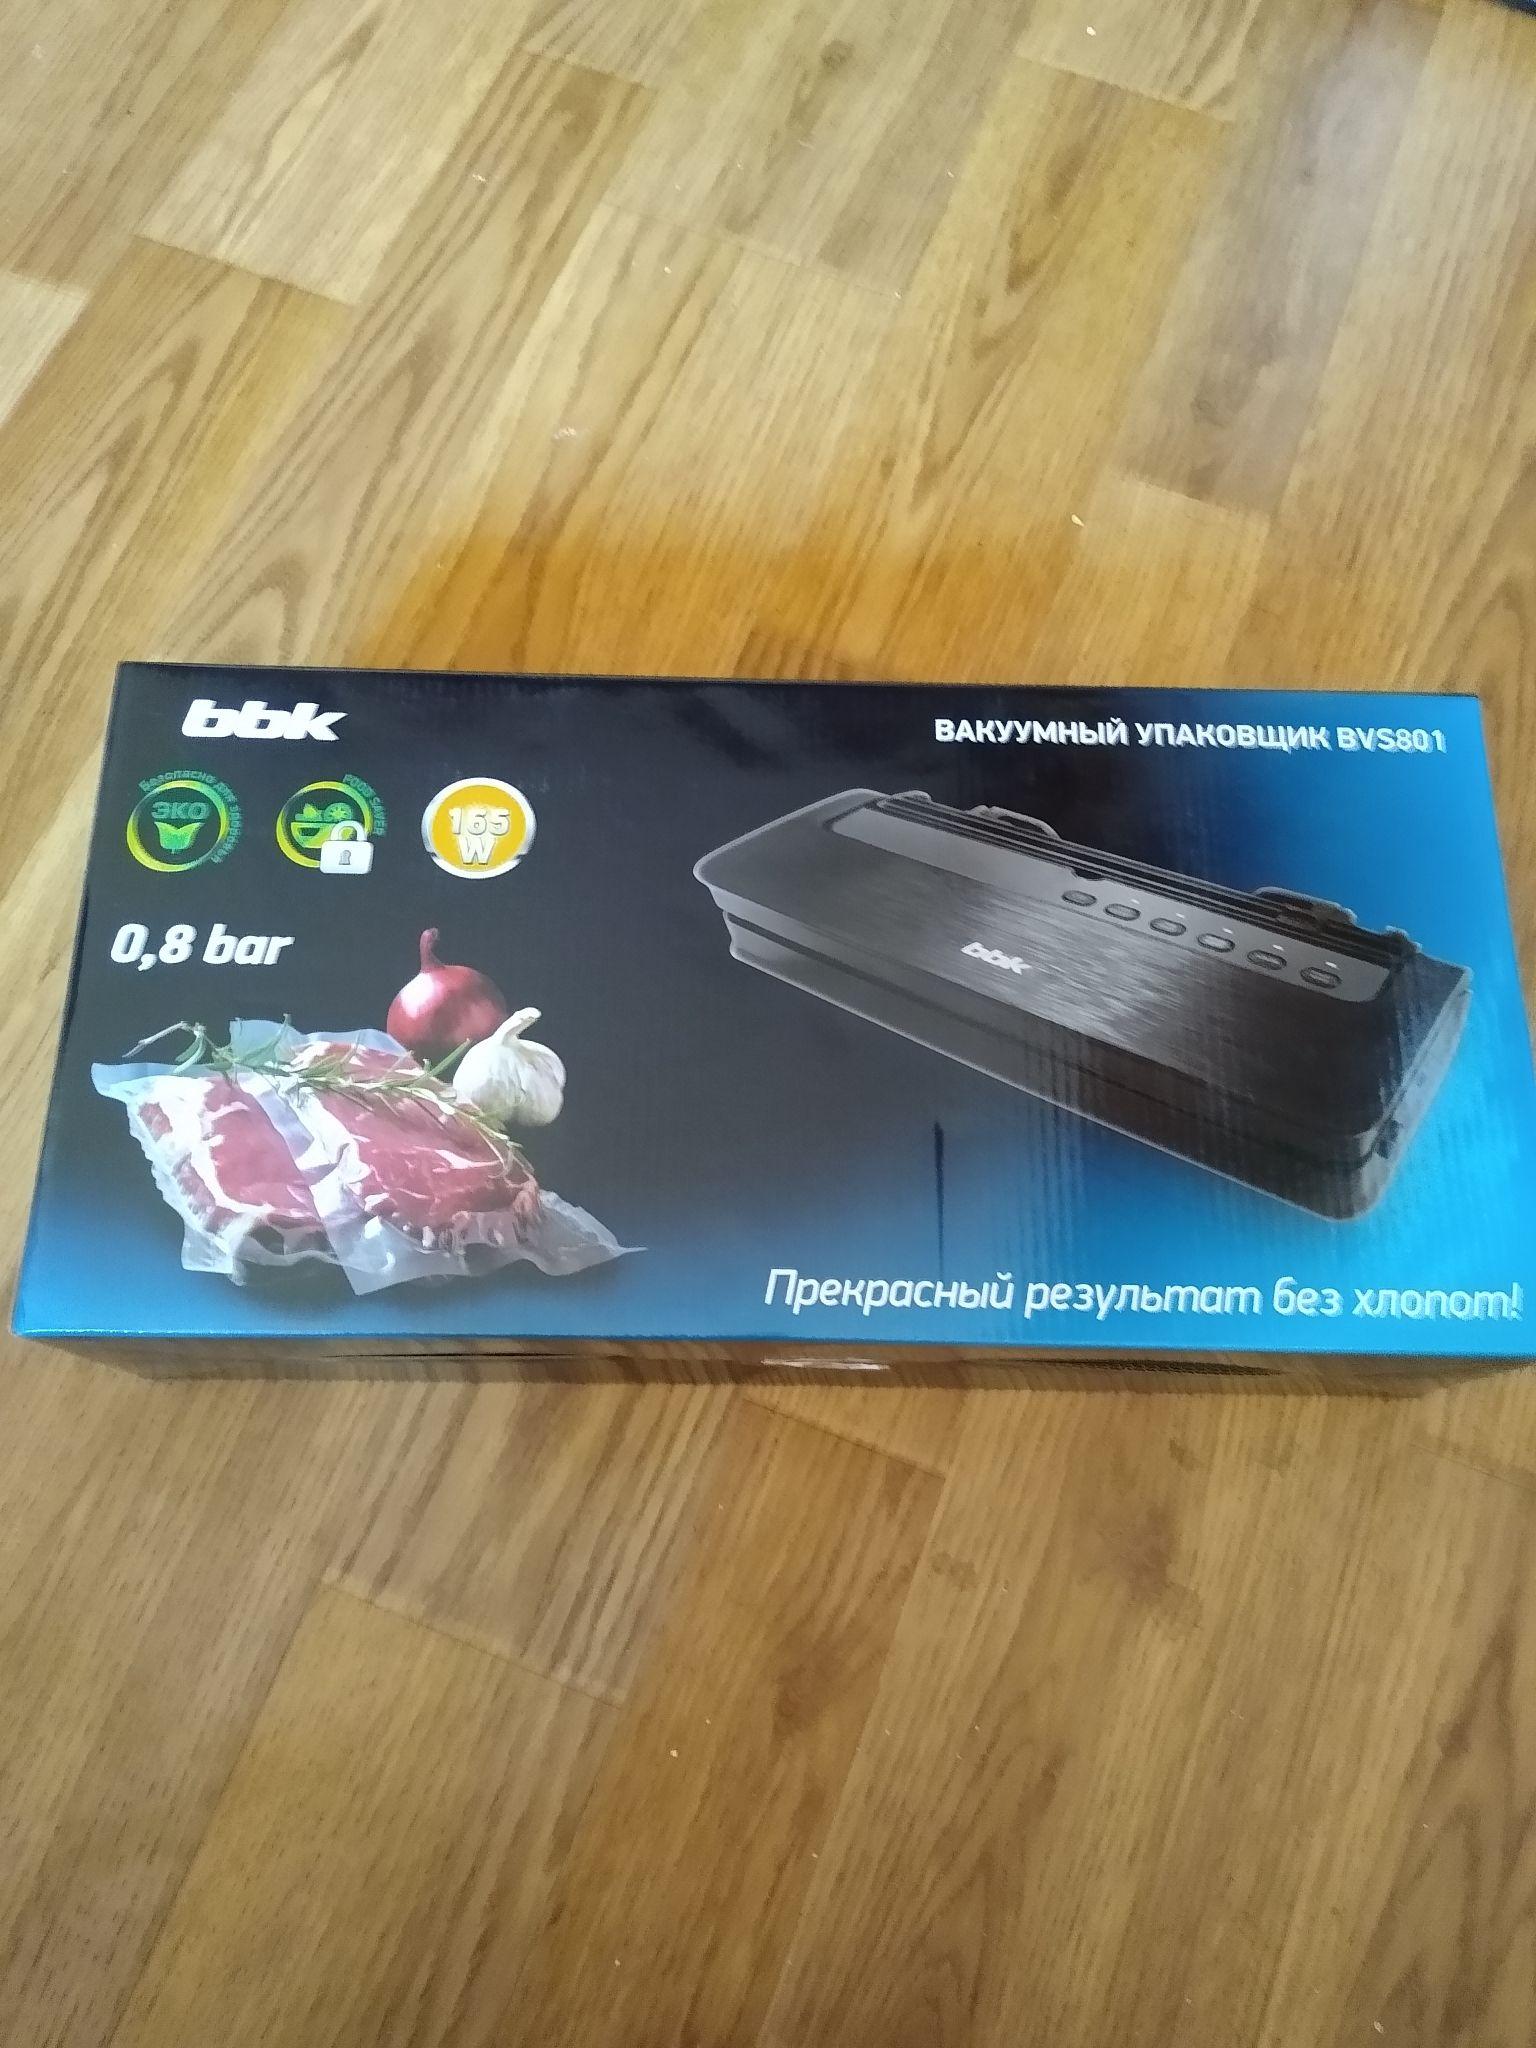 Bbk вакуумный упаковщик bvs801 купить купить женское белье puma